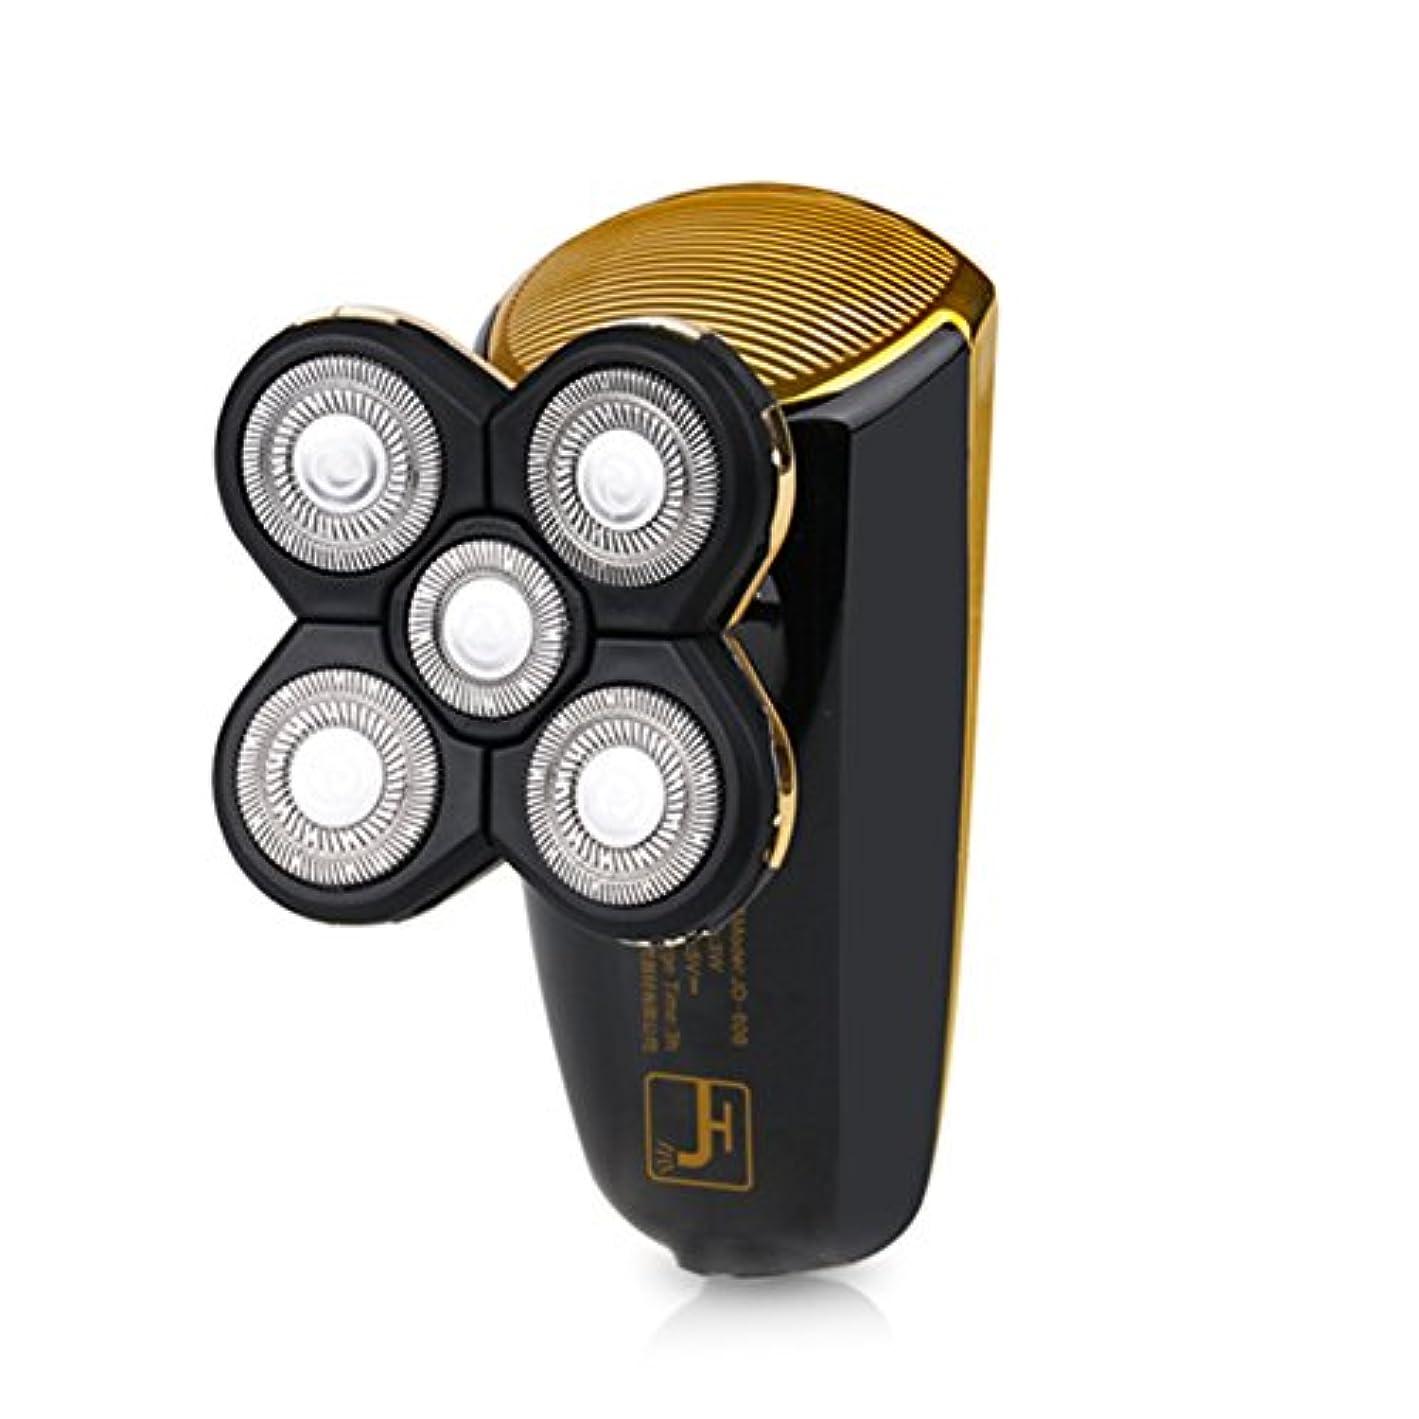 無人類似性革命的メンズシェーバー 電気シェーバー 2in1多機能シェーバー 電動ひげ剃り 3Dフローティングヘッド 回転式 トラベルロック付き 坊主頭剃刀 USB充電 丸洗いOK